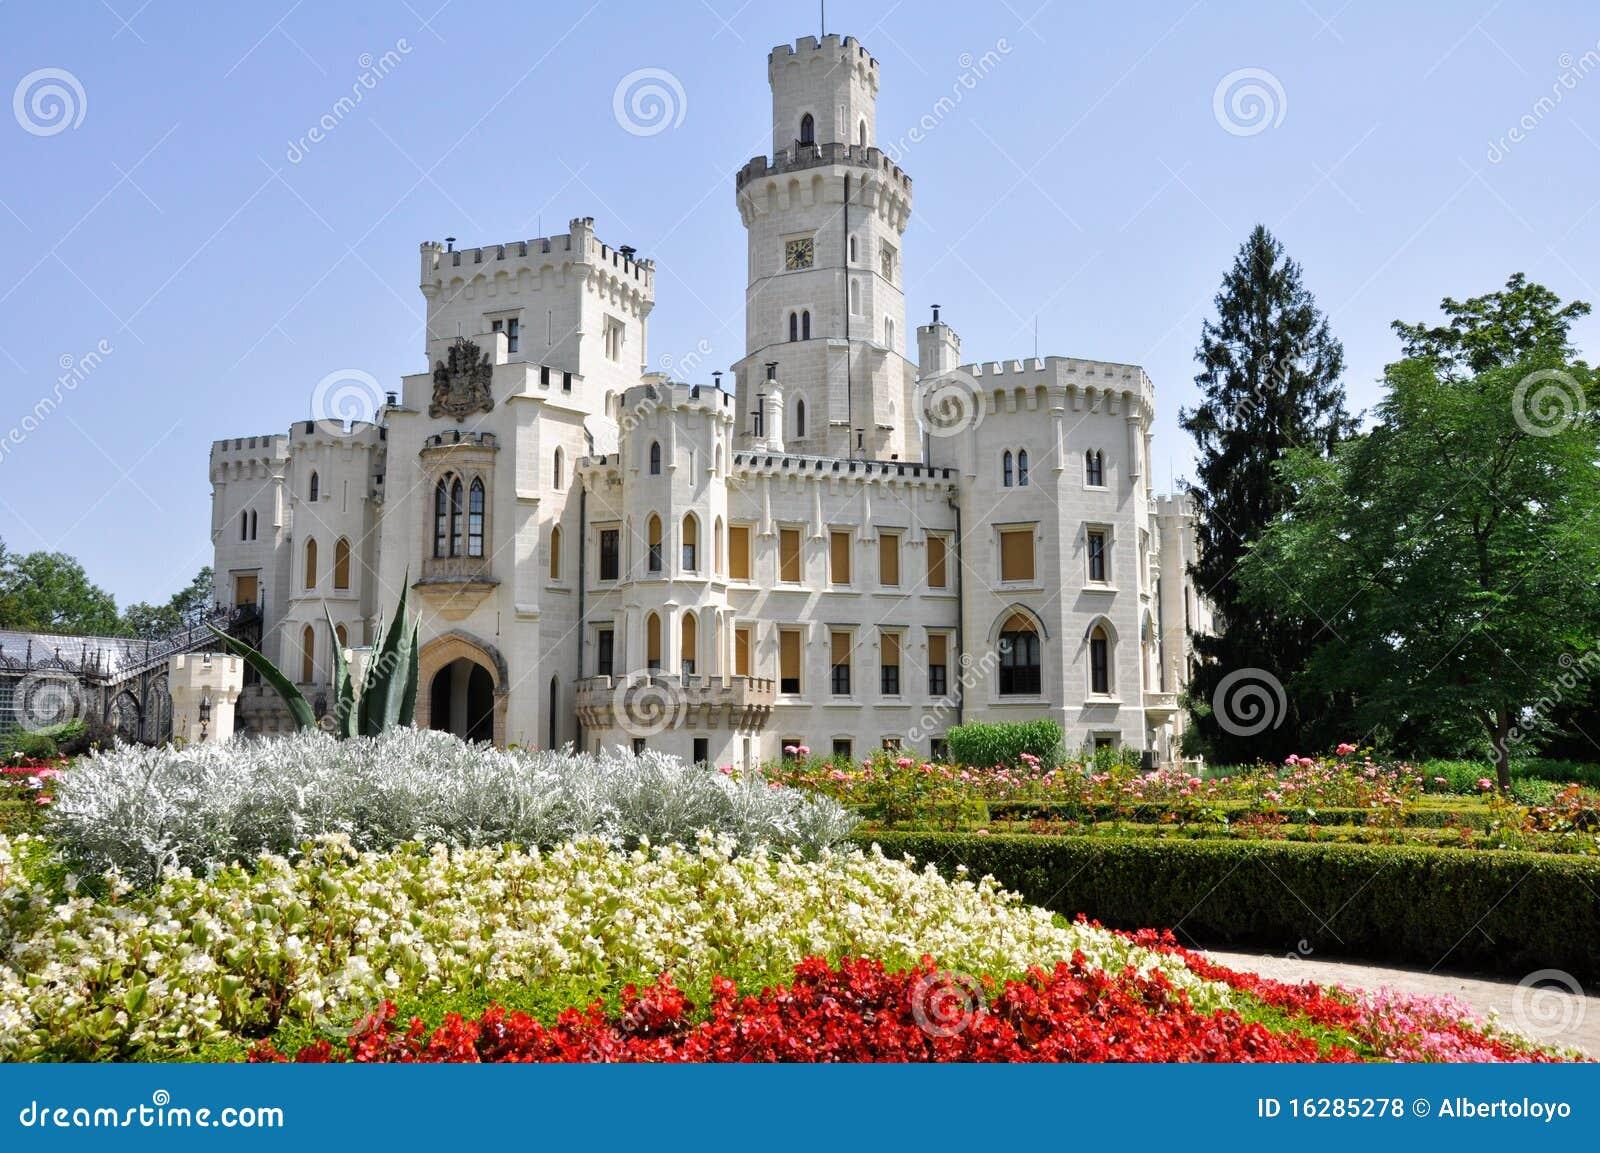 nad vltavou castle - photo #21